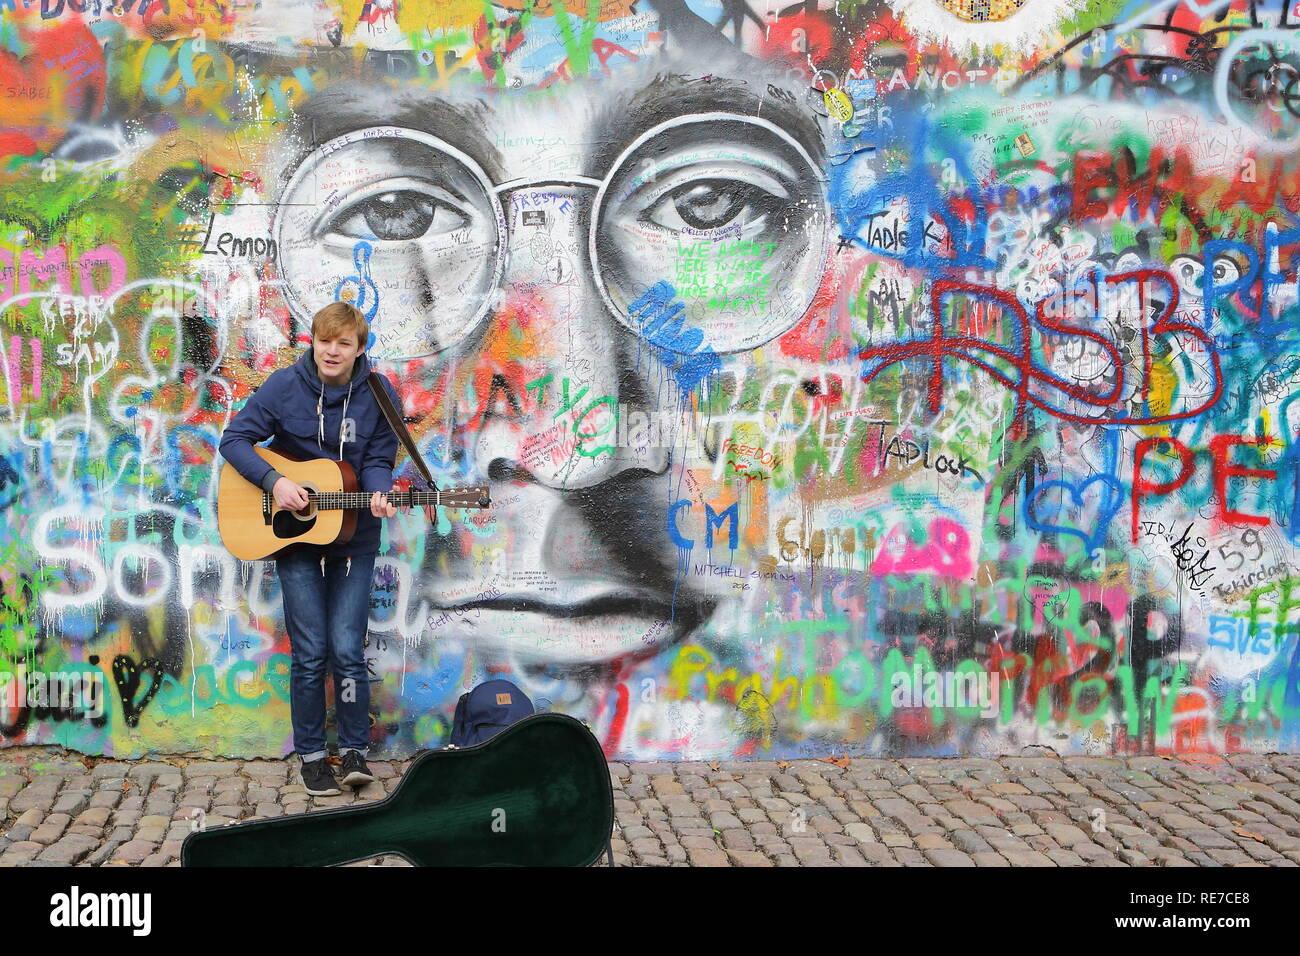 PRAGUE, RÉPUBLIQUE TCHÈQUE - 3 janvier:Le Mur de Lennon depuis le 1980 rempli de graffiti 3 JANVIER 2016 Prague. Utilisez uniquement éditoriale Banque D'Images